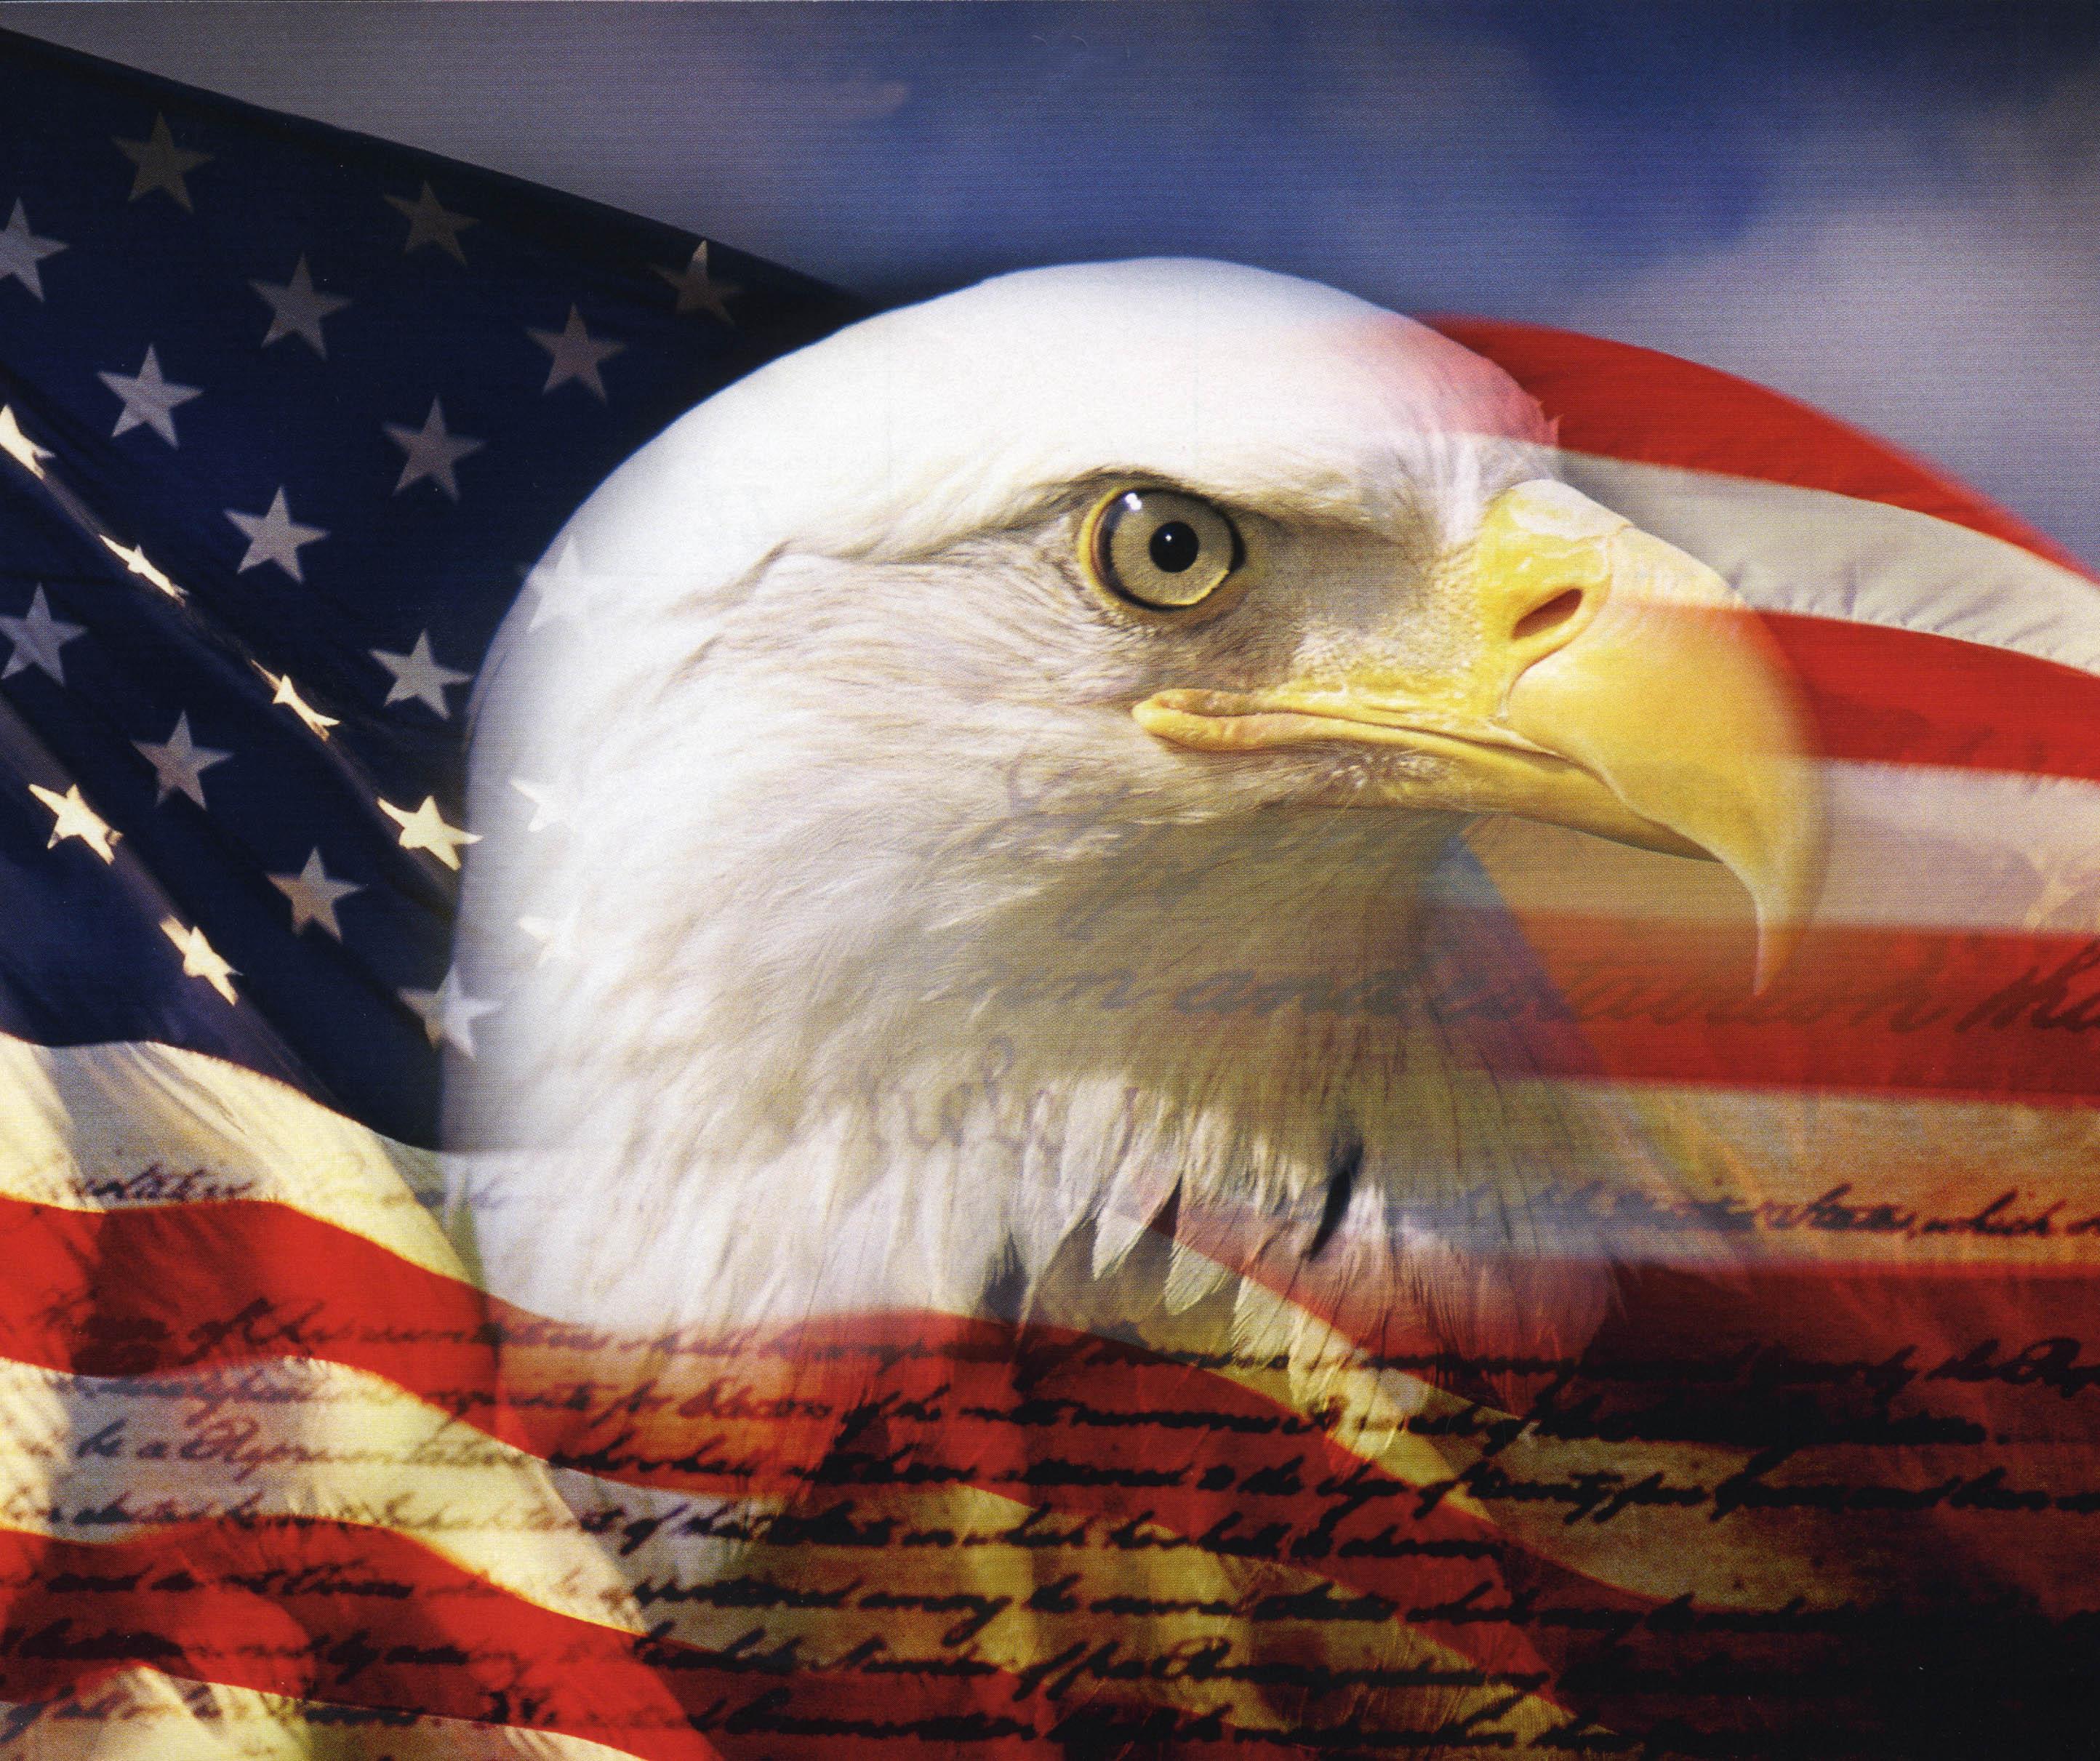 American Flag Eagle Wallpaper wallpaper wallpaper hd 2888x2422